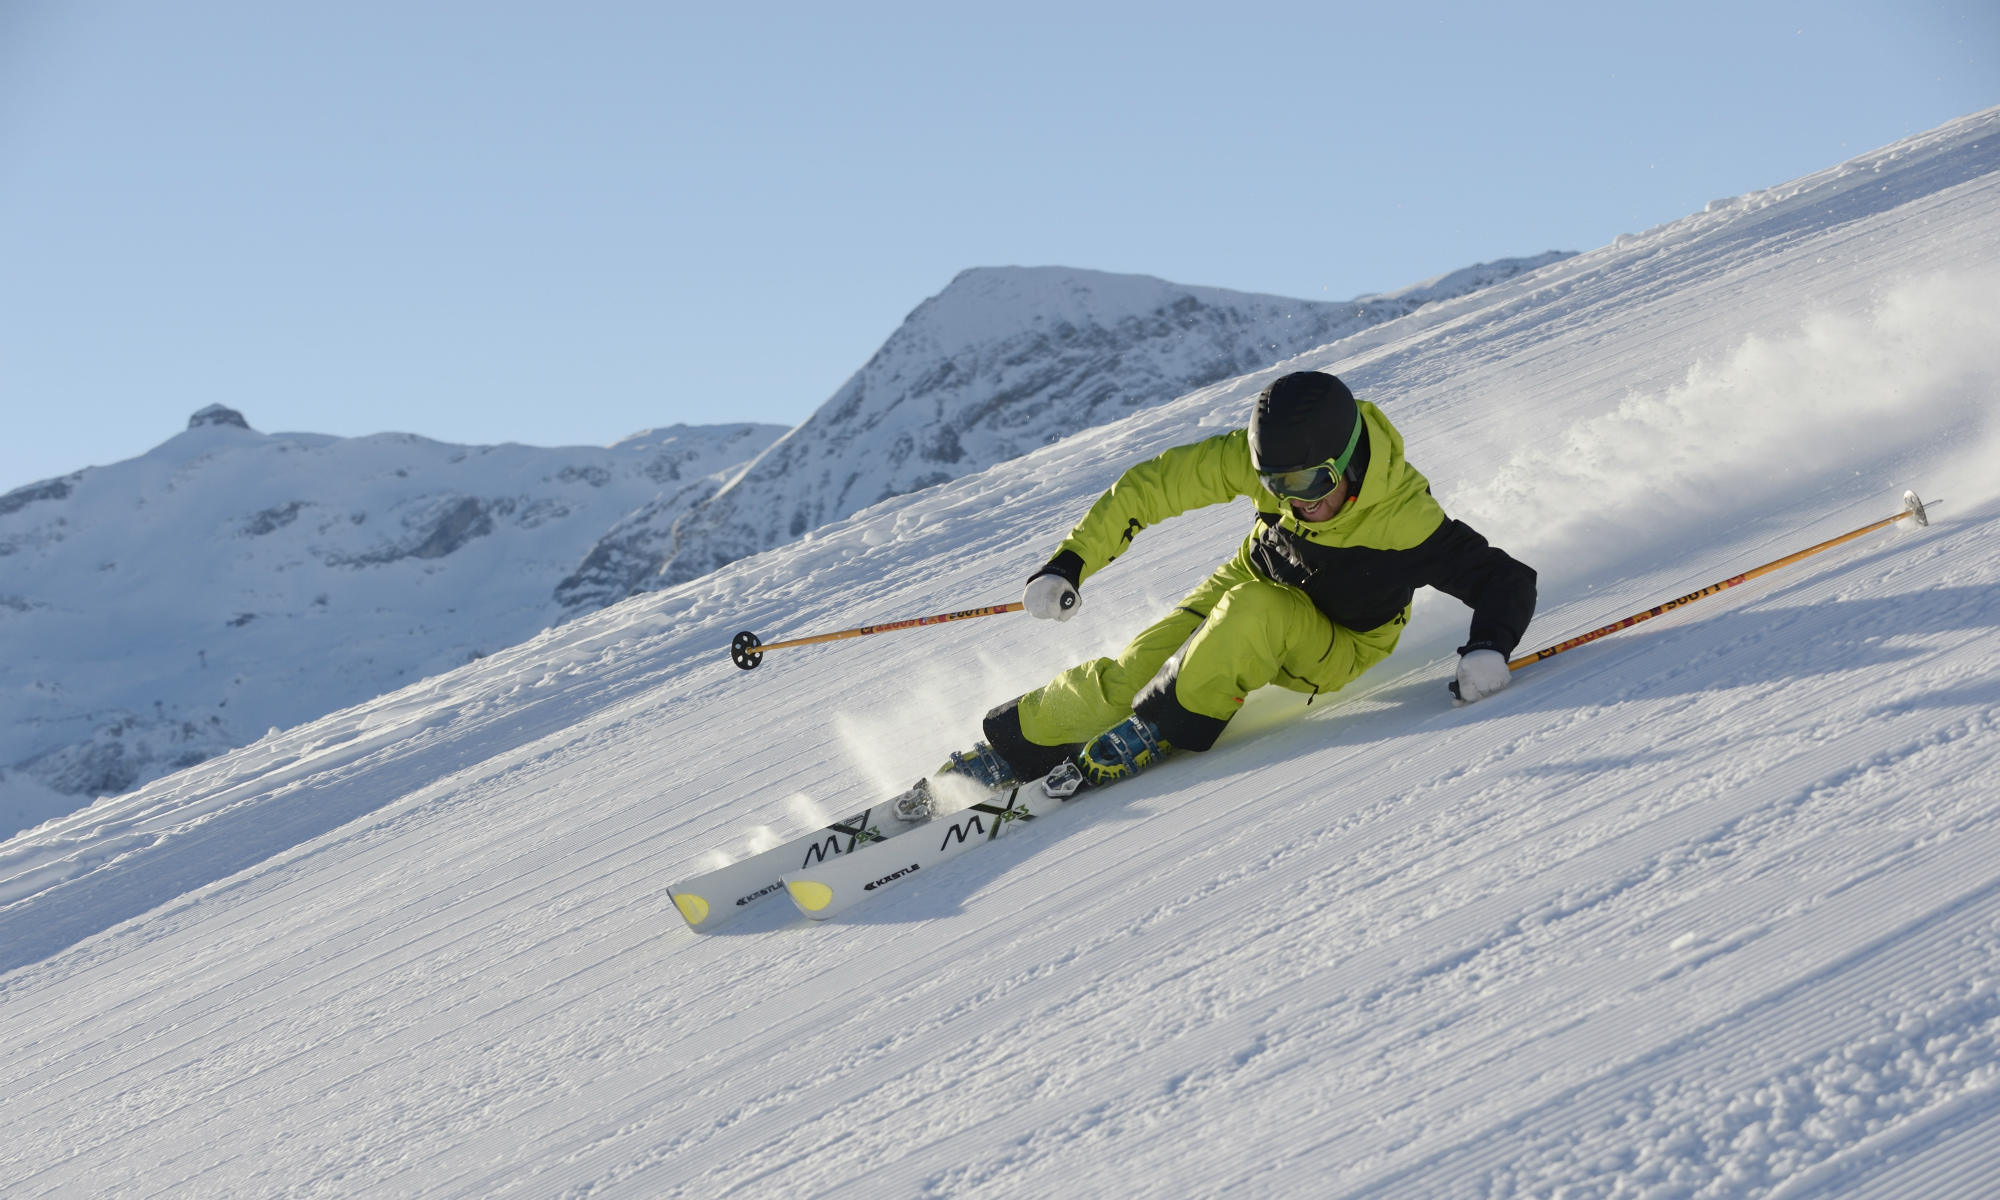 Ein Skifahrer auf den sonnigen Pisten des Skigebiets Lenk.